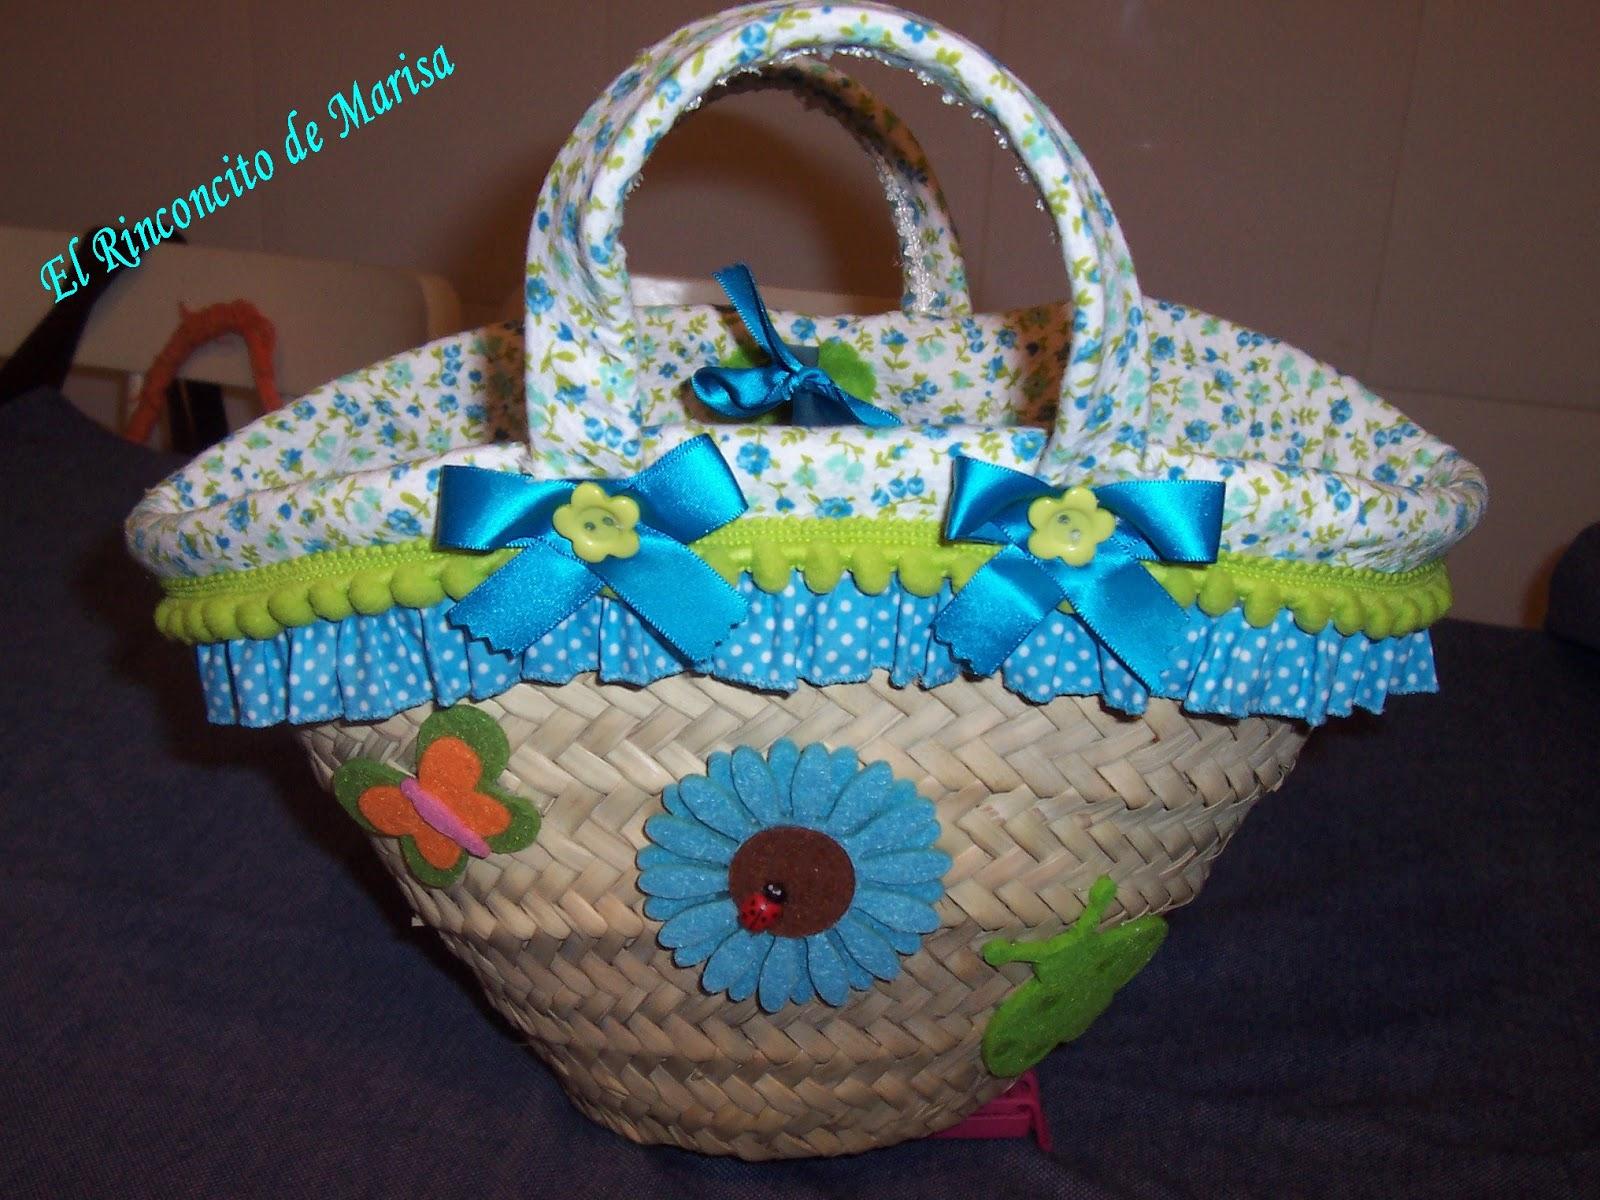 El rinconcito de marisa cesta decorada para alejandra - Capazos de mimbre decorados ...